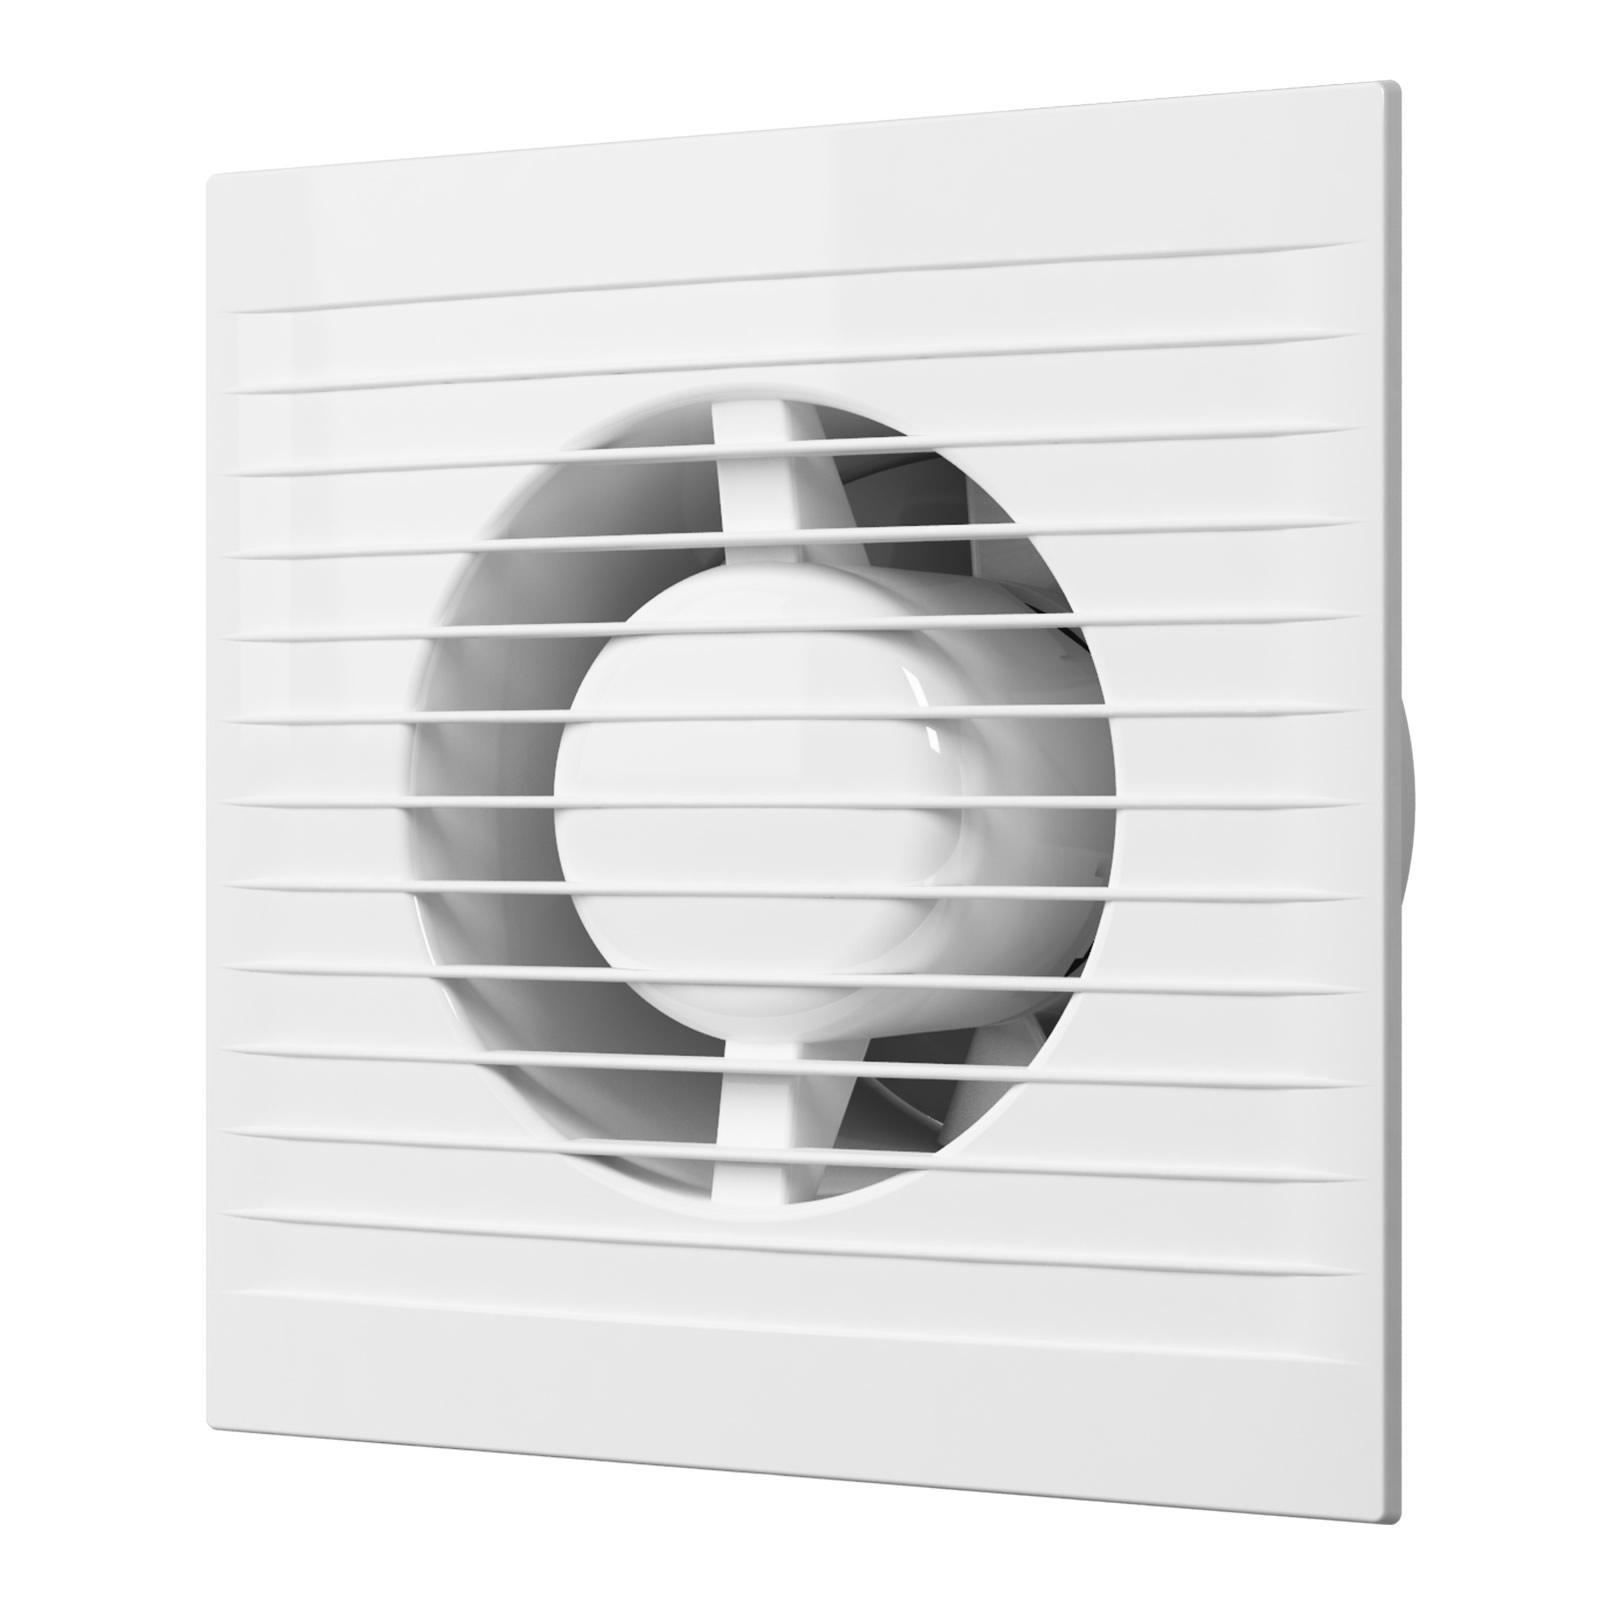 Вентилятор Era E 100 s c mre